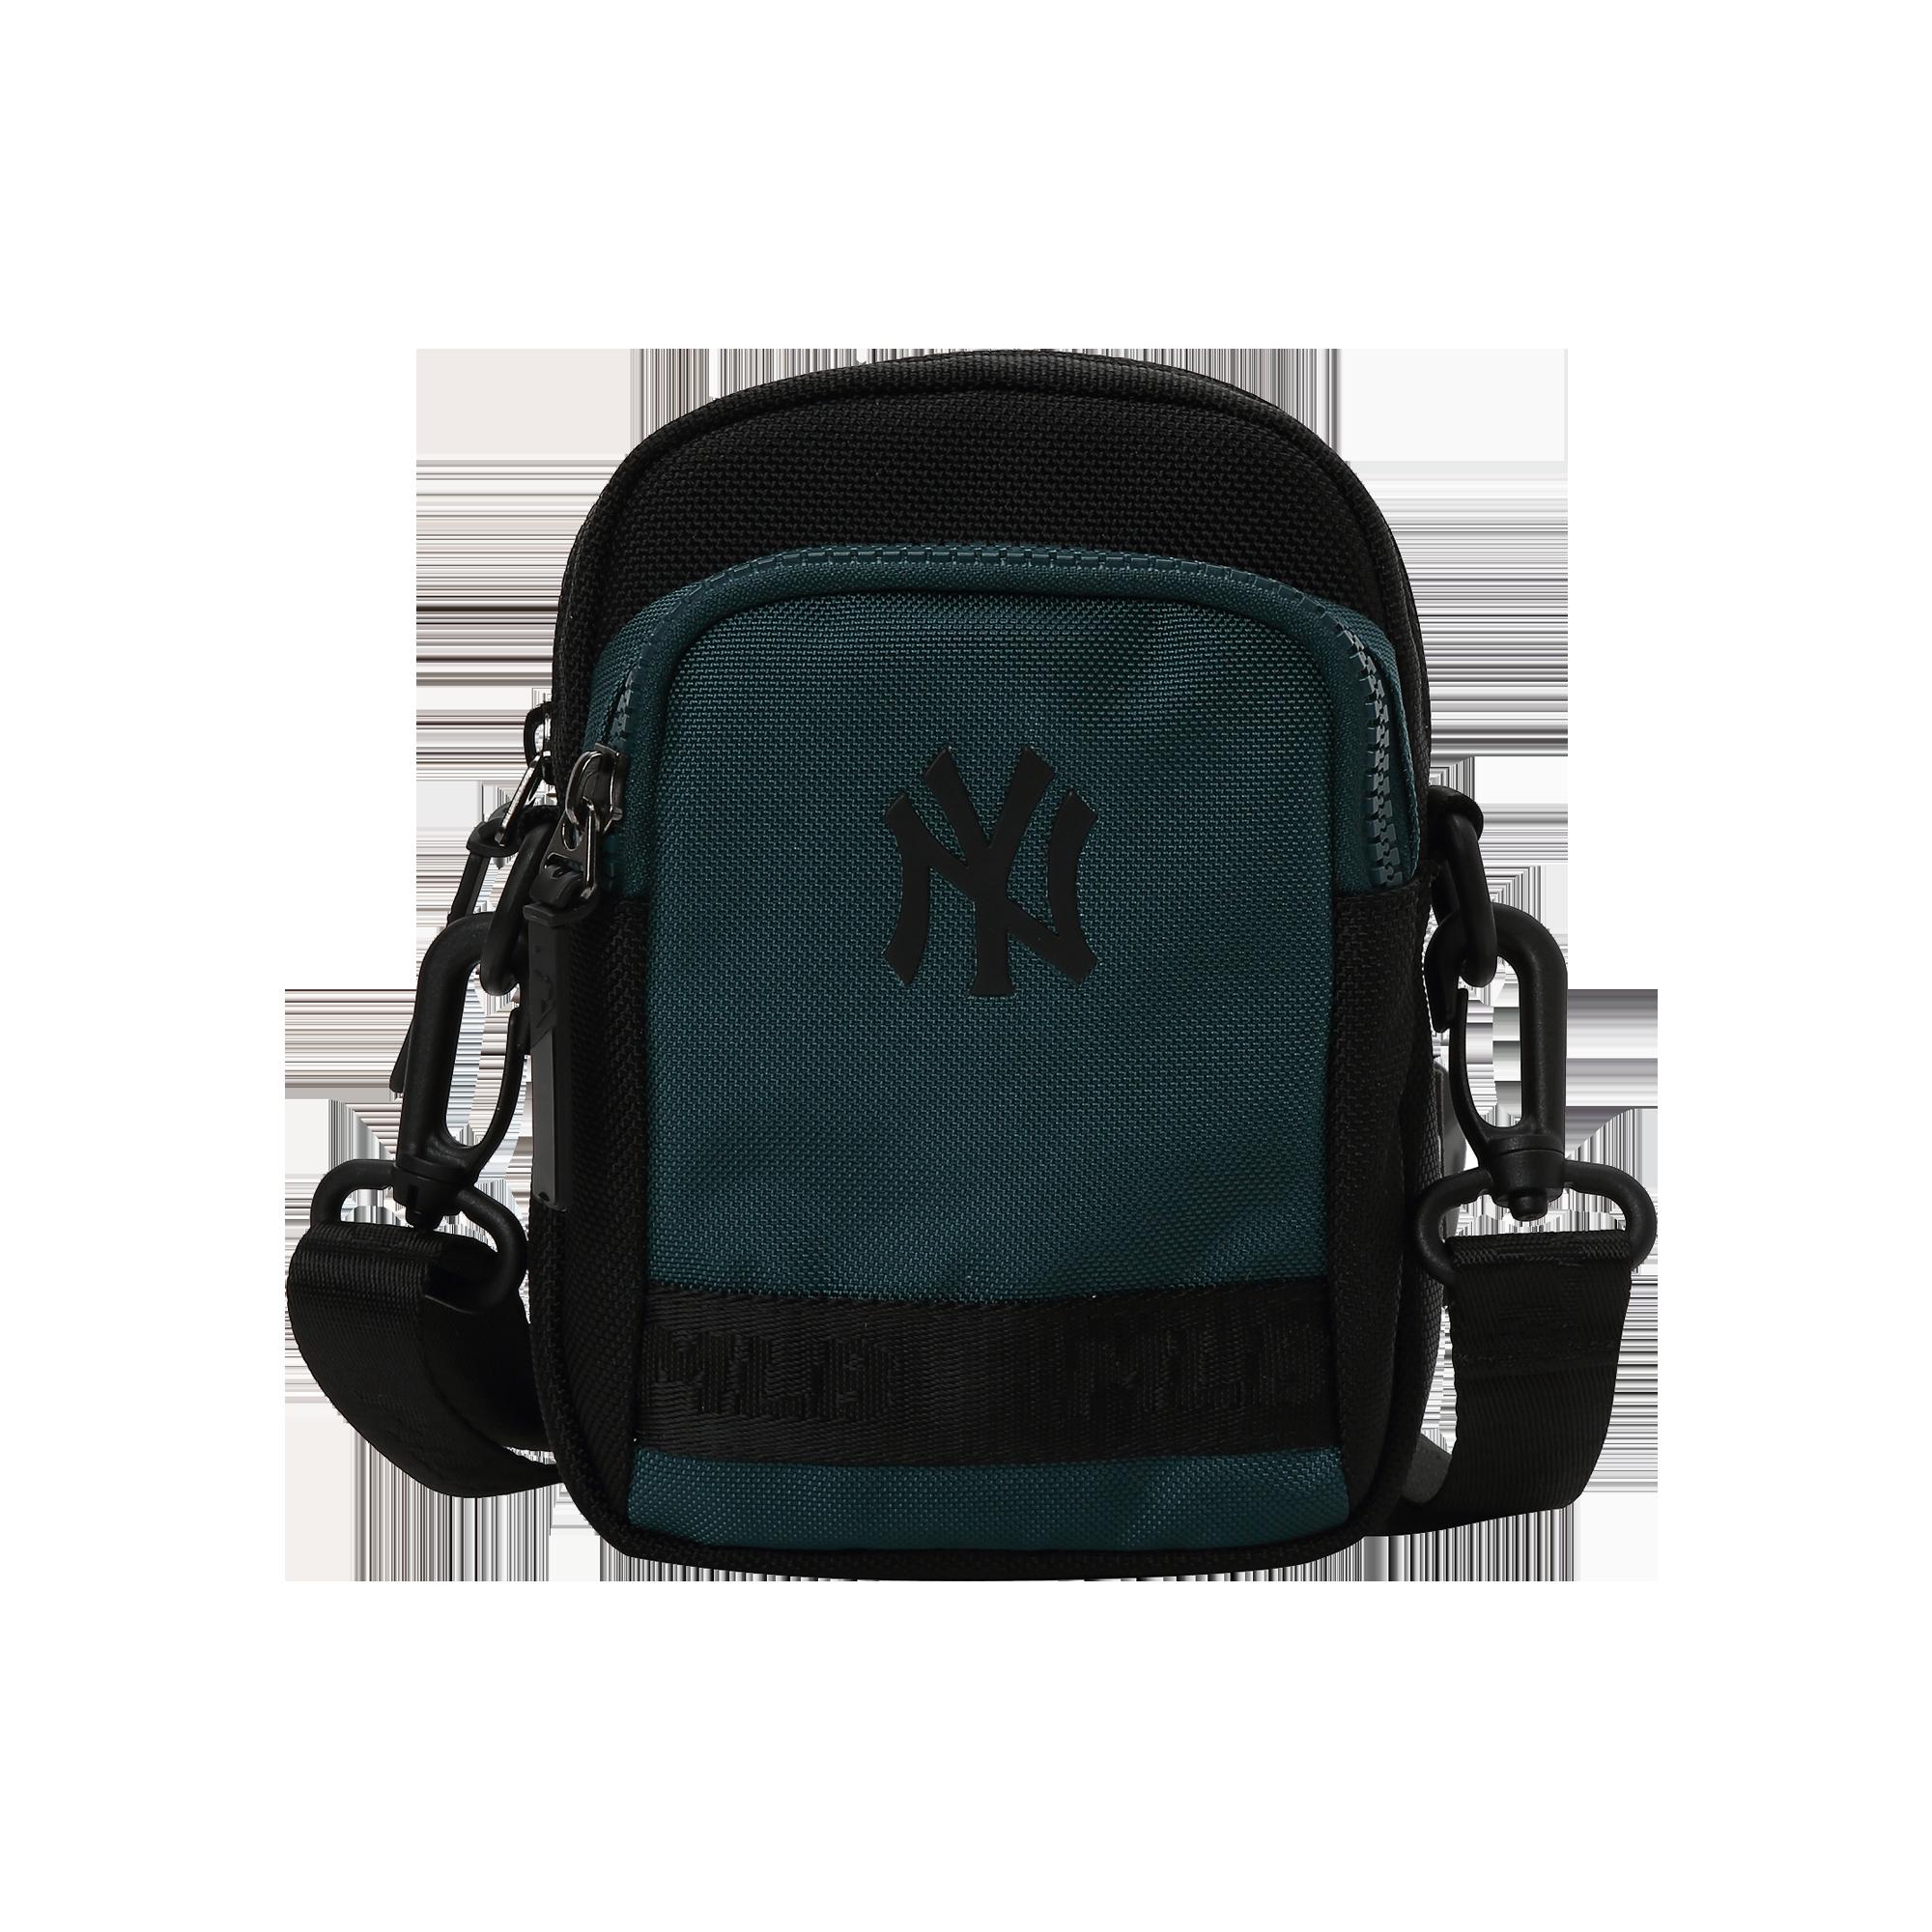 MLBKIDS SCHOOL BAG NEW YORK YANKEES MAX WEBBING DETAIL MINI CROSS BAG